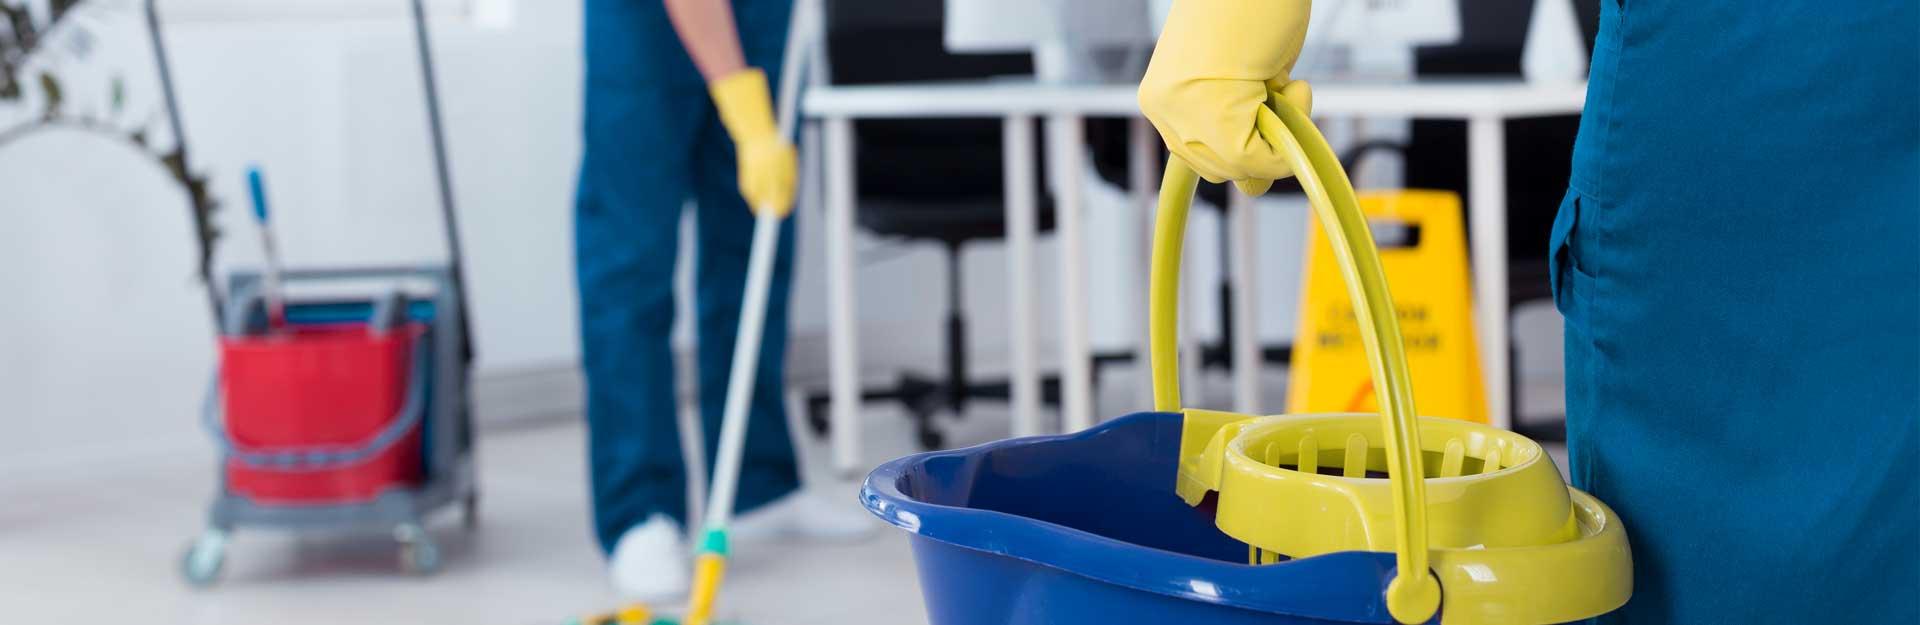 Dos empleados ofrecen un servicio de limpieza en una oficina.